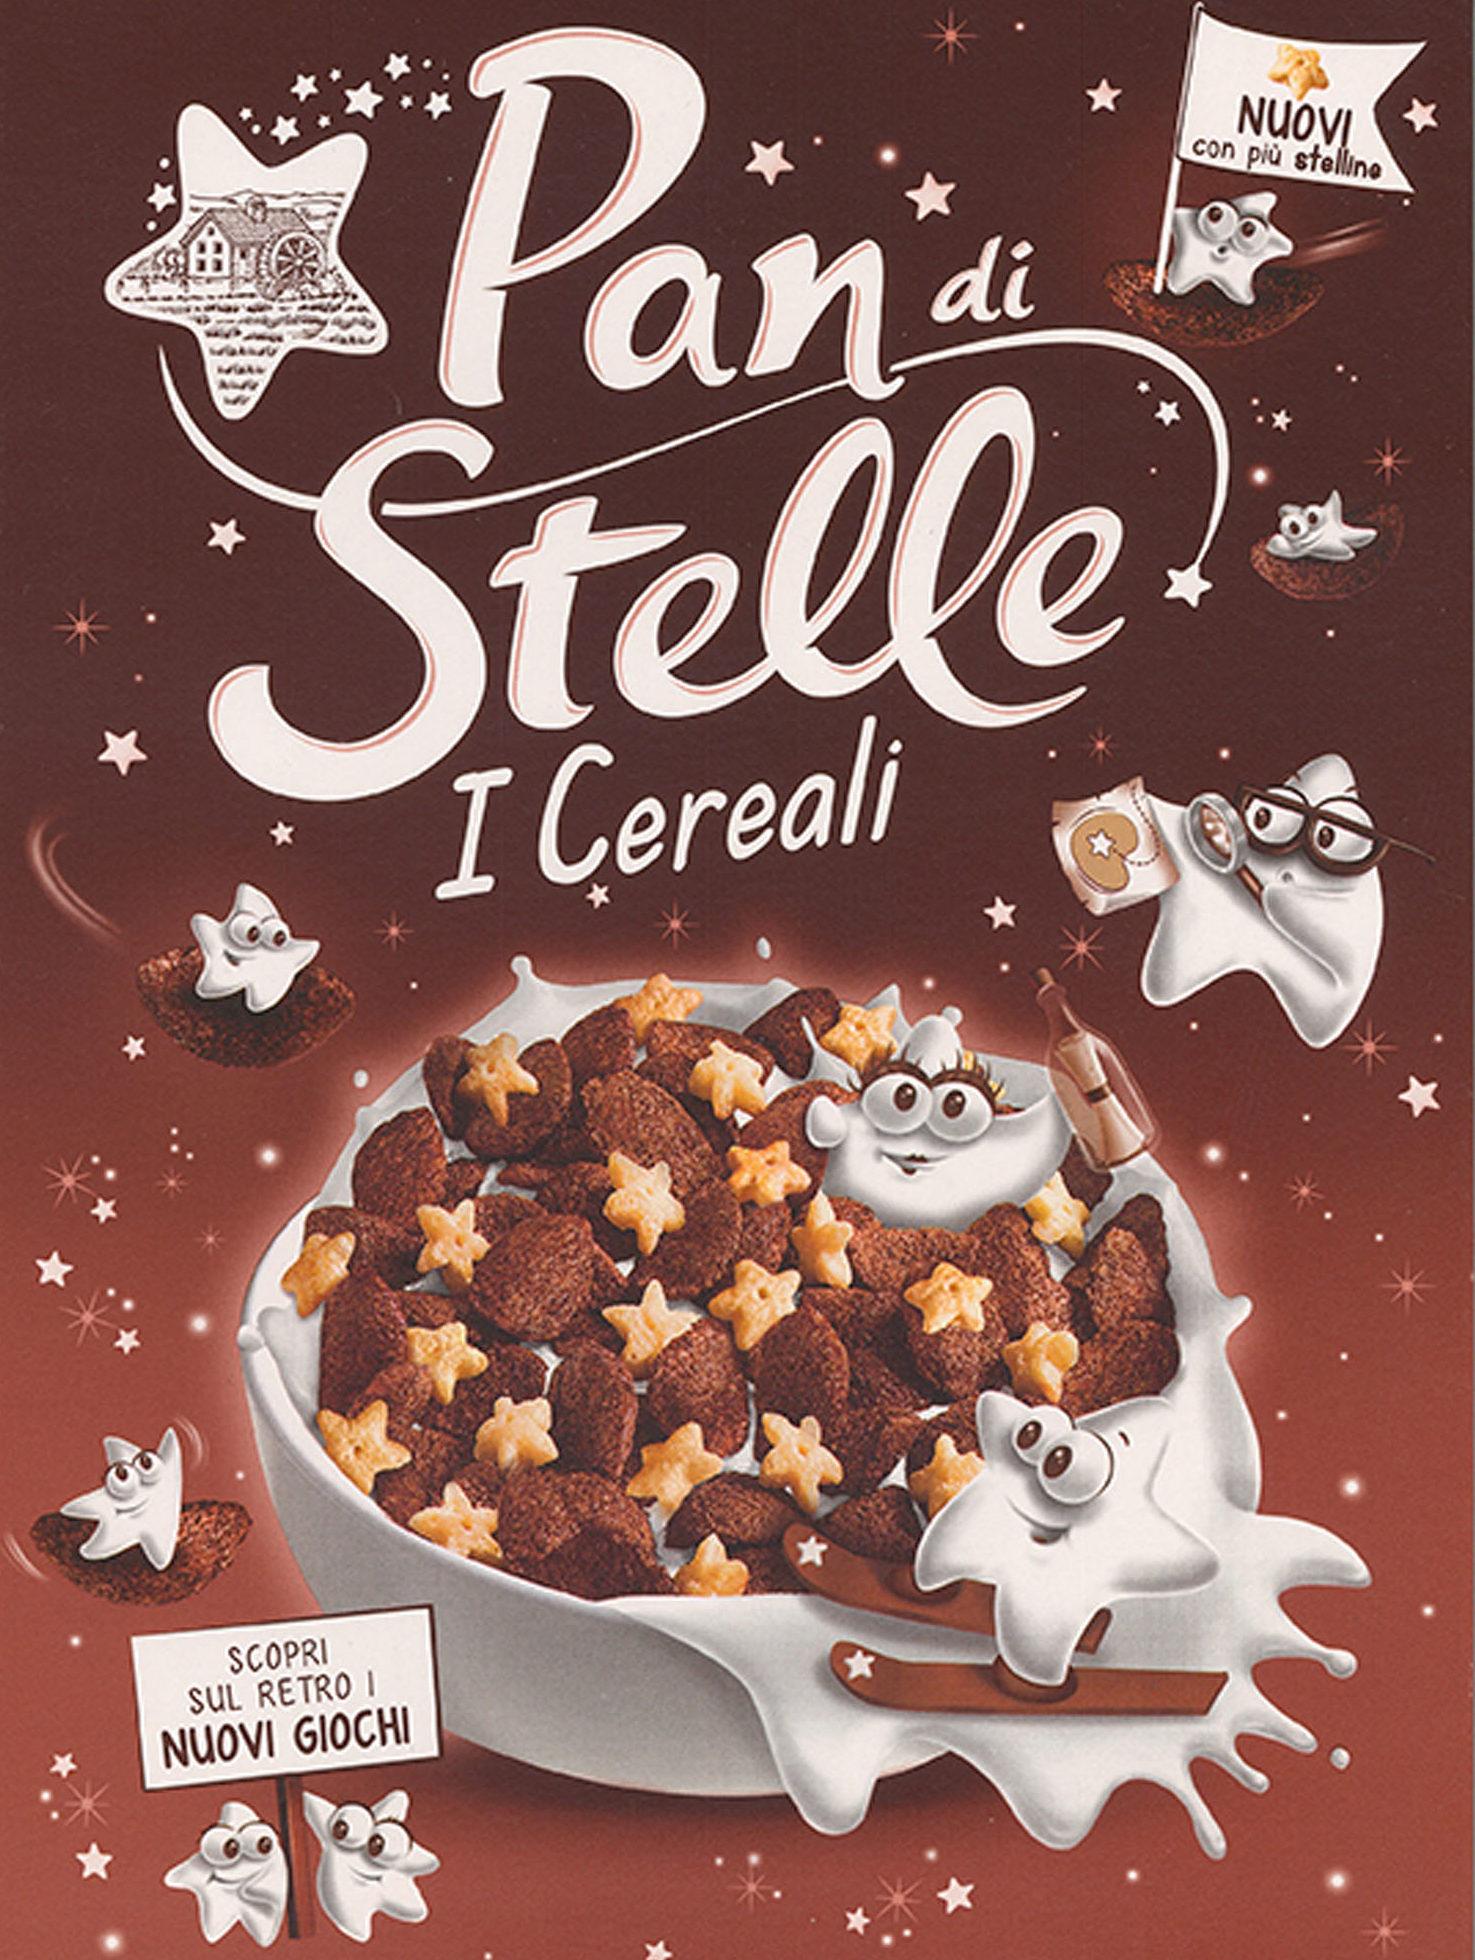 New cereals, 2013